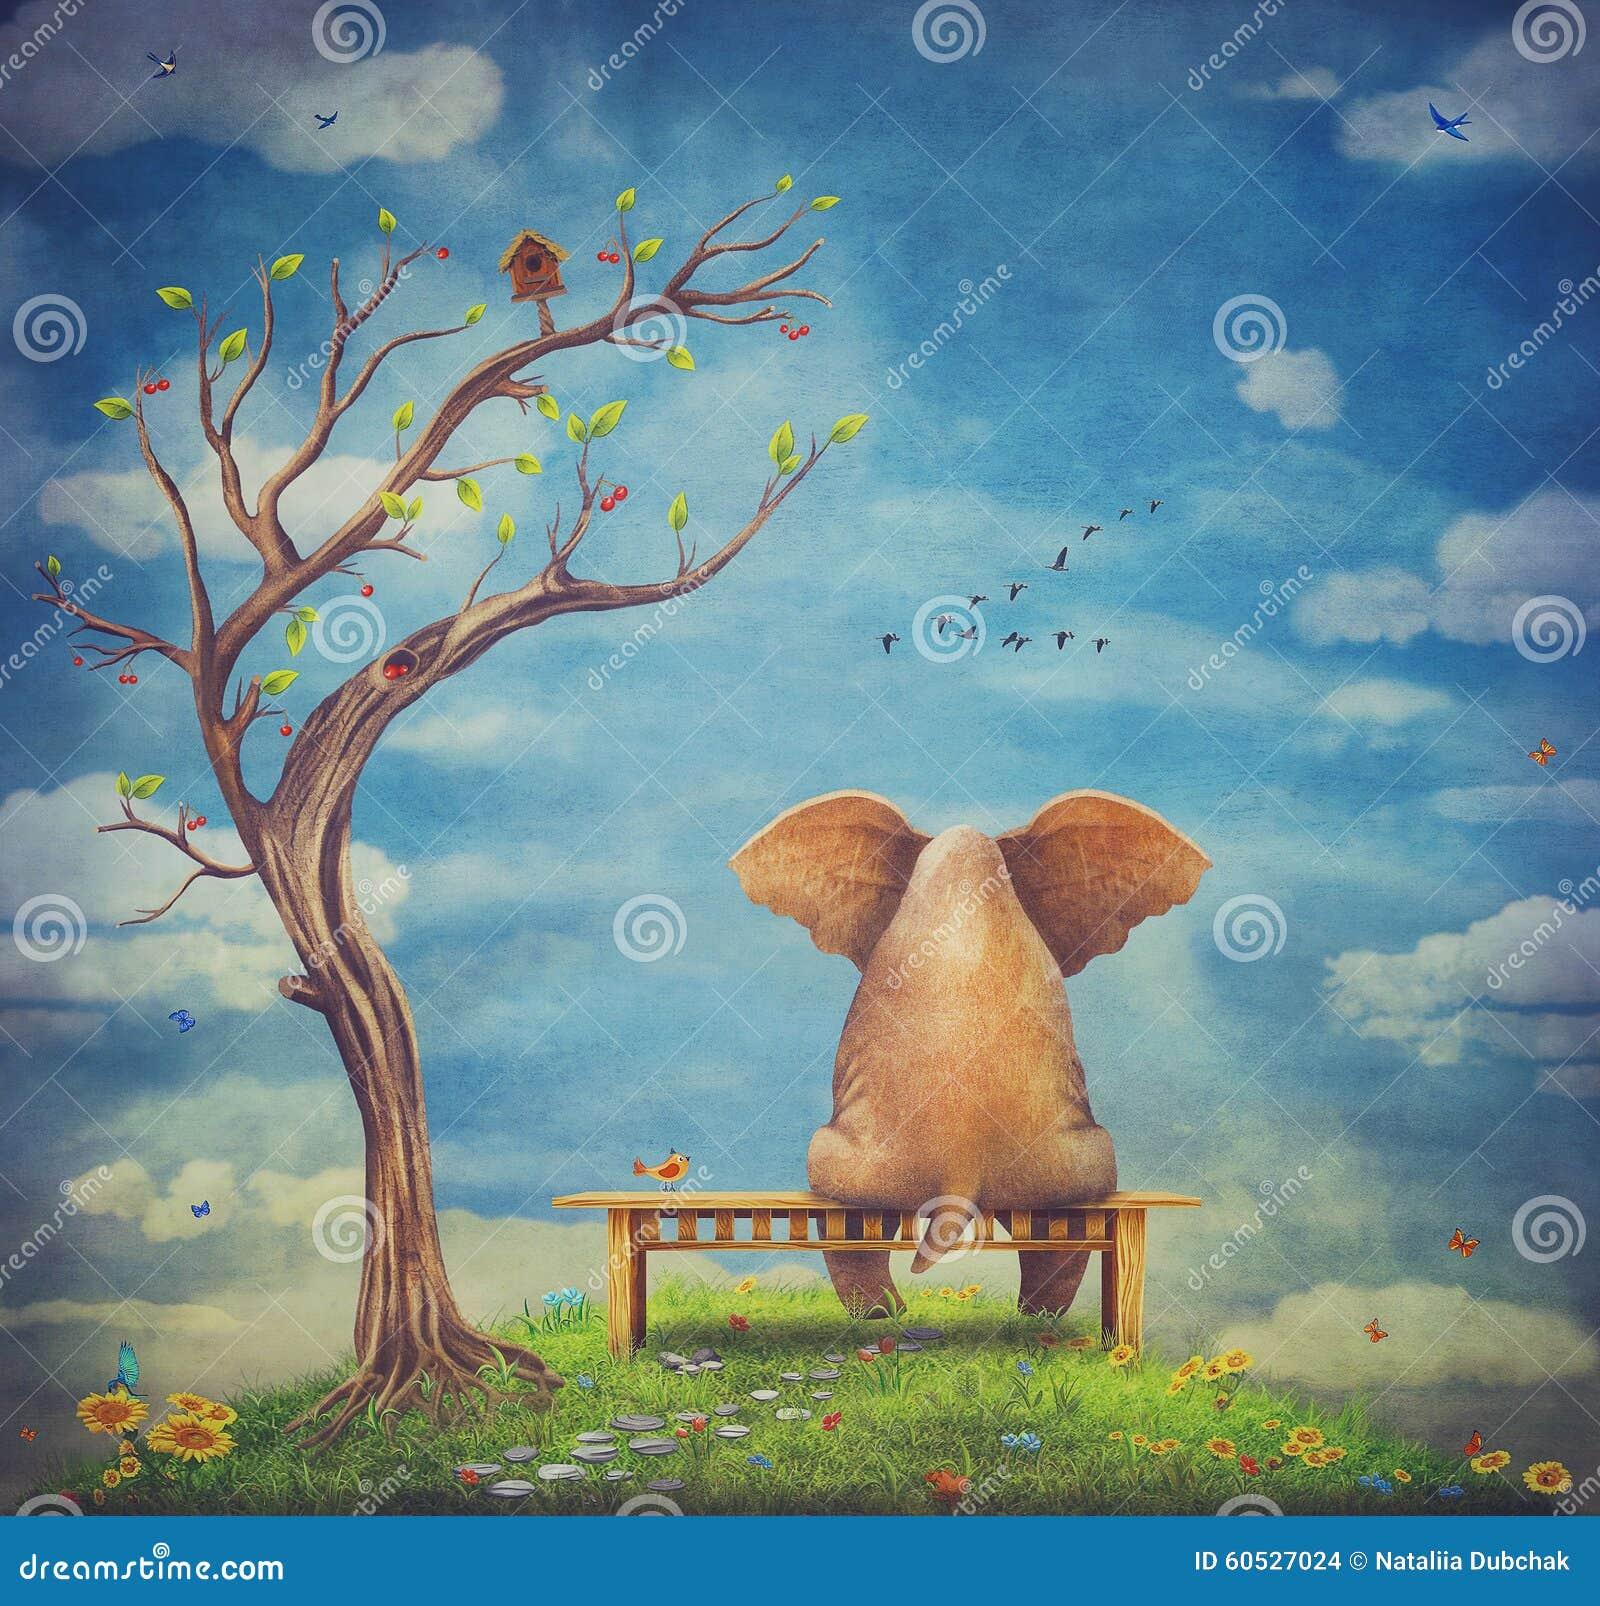 Sad Elephant Sitting On A Bench Stock Illustration - Image ...